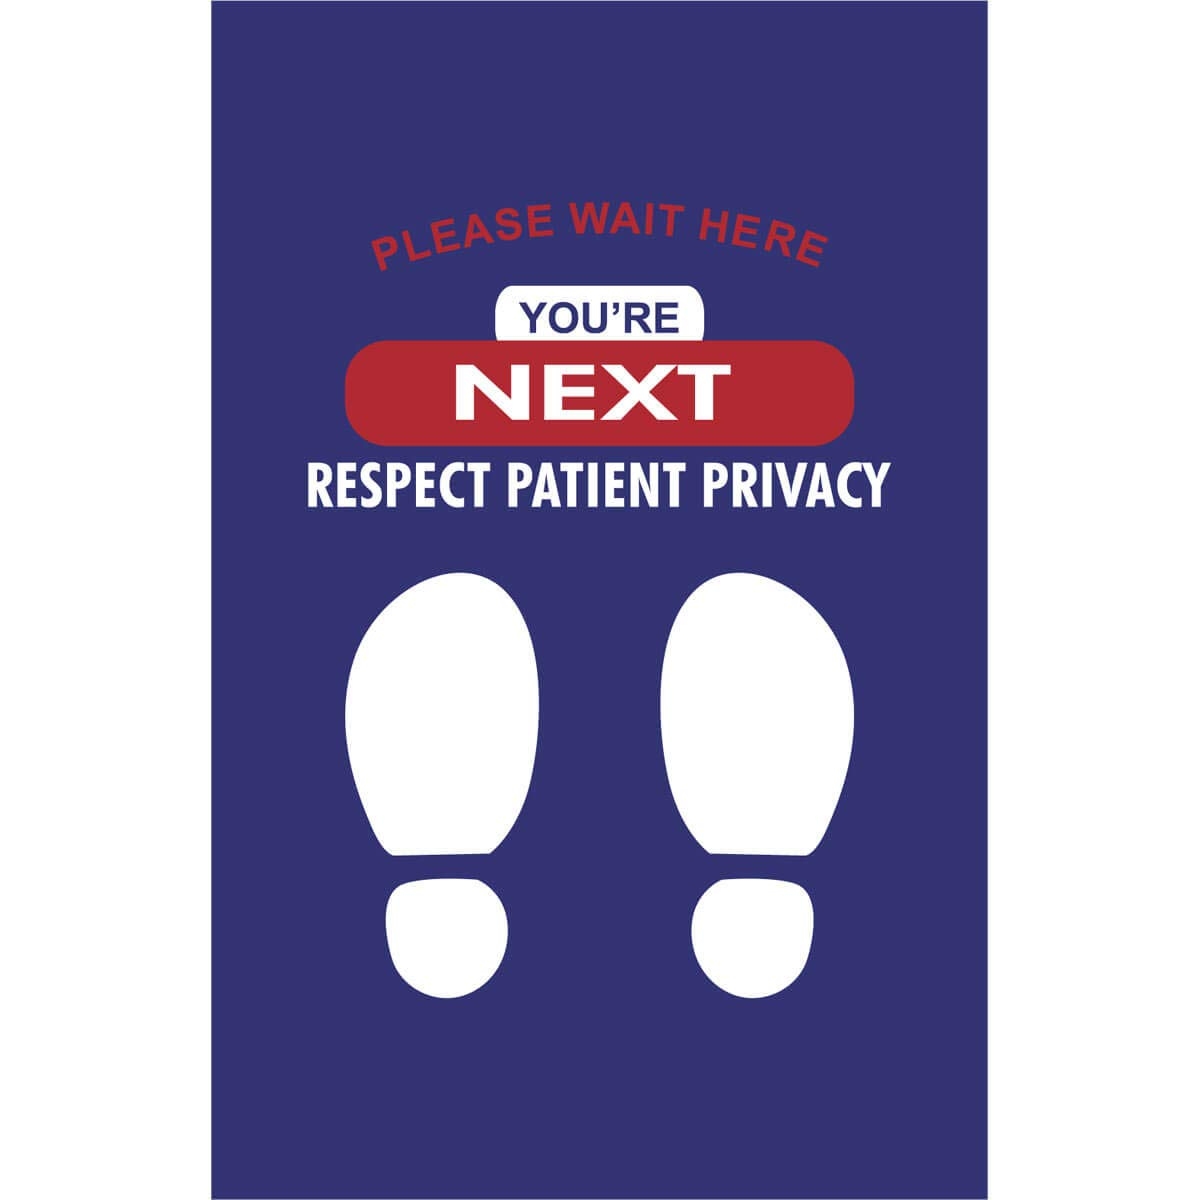 FloorMatShop Commercial Patient Privacy Prestiege Rubber Backed Mat Approx 2' x 3' by FloorMatShop